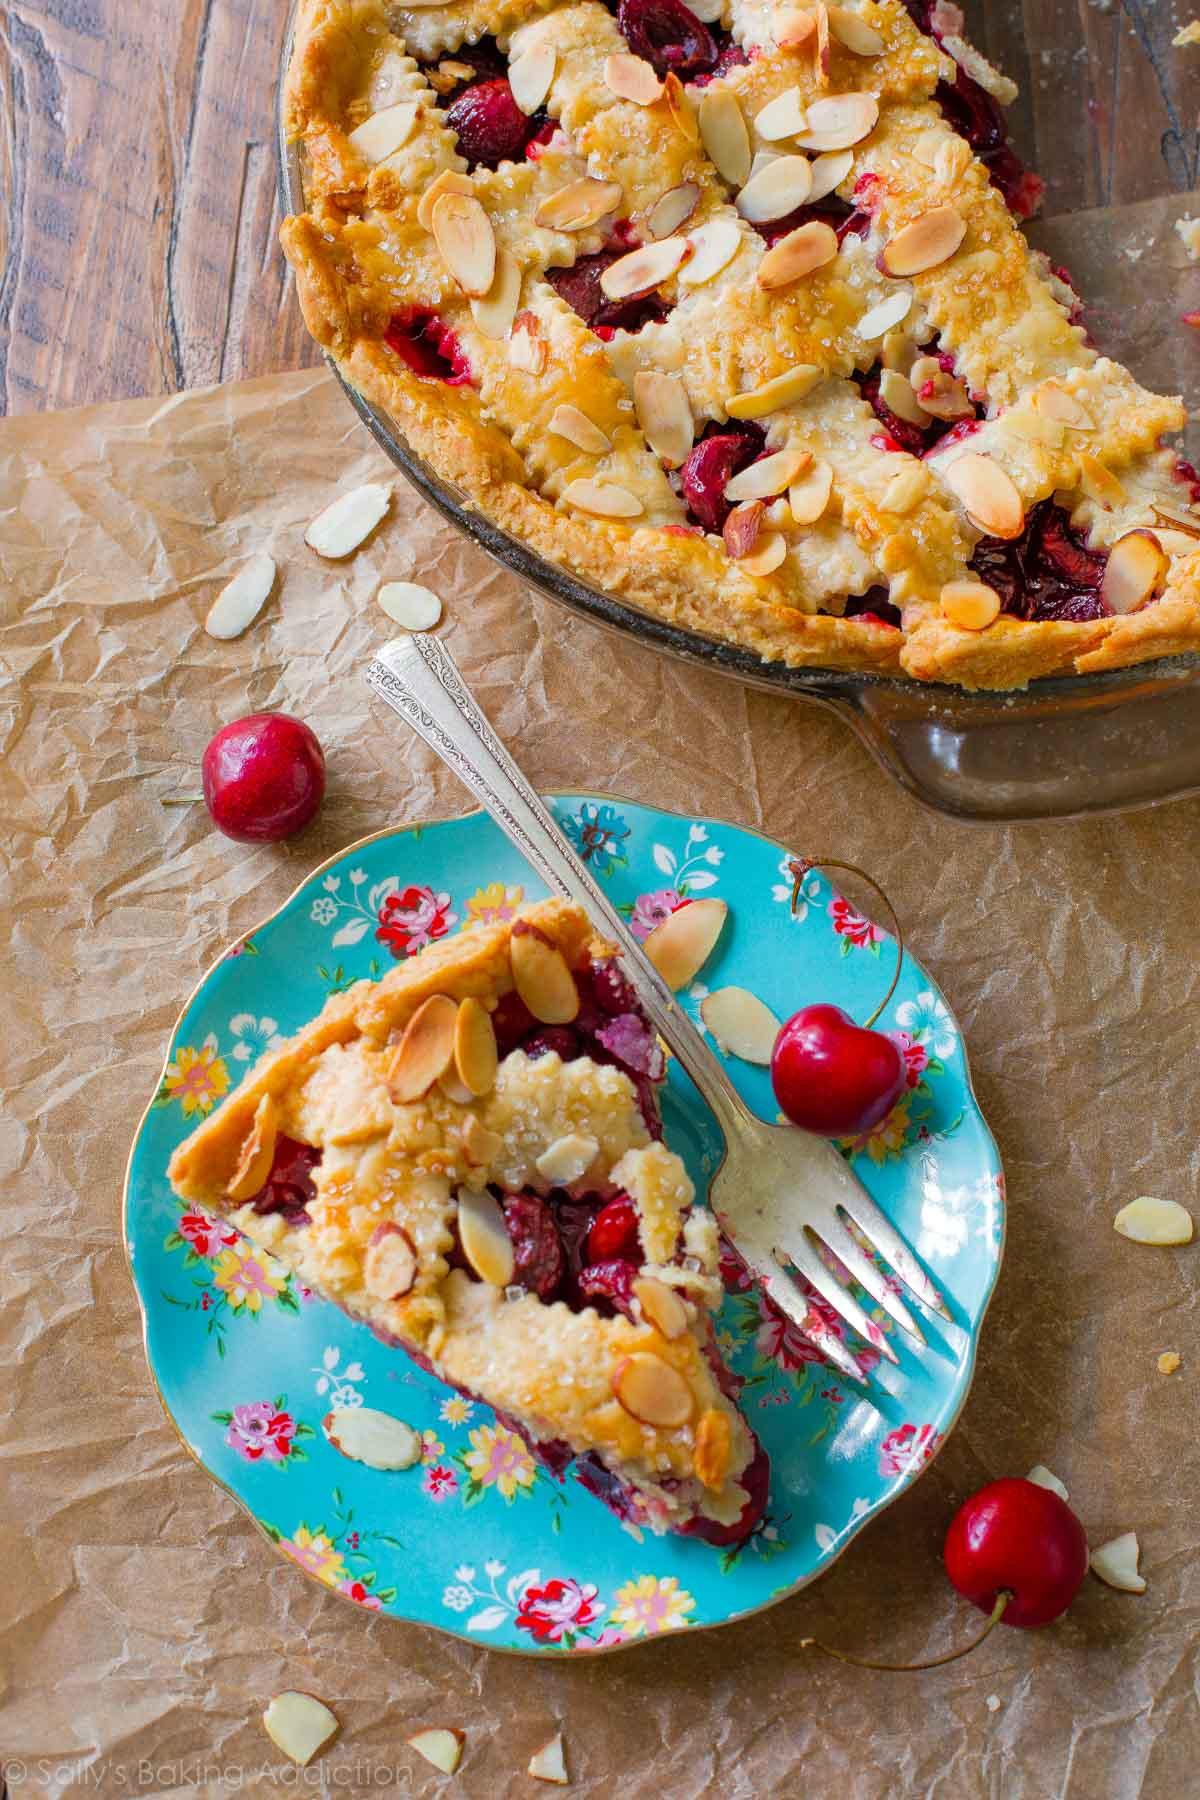 Voici comment faire une tarte aux cerises fraîche classique à partir de zéro. Ajoutez une petite pincée d'amandes grillées pour rehausser la saveur! Recette sur sallysbakingaddiction.com